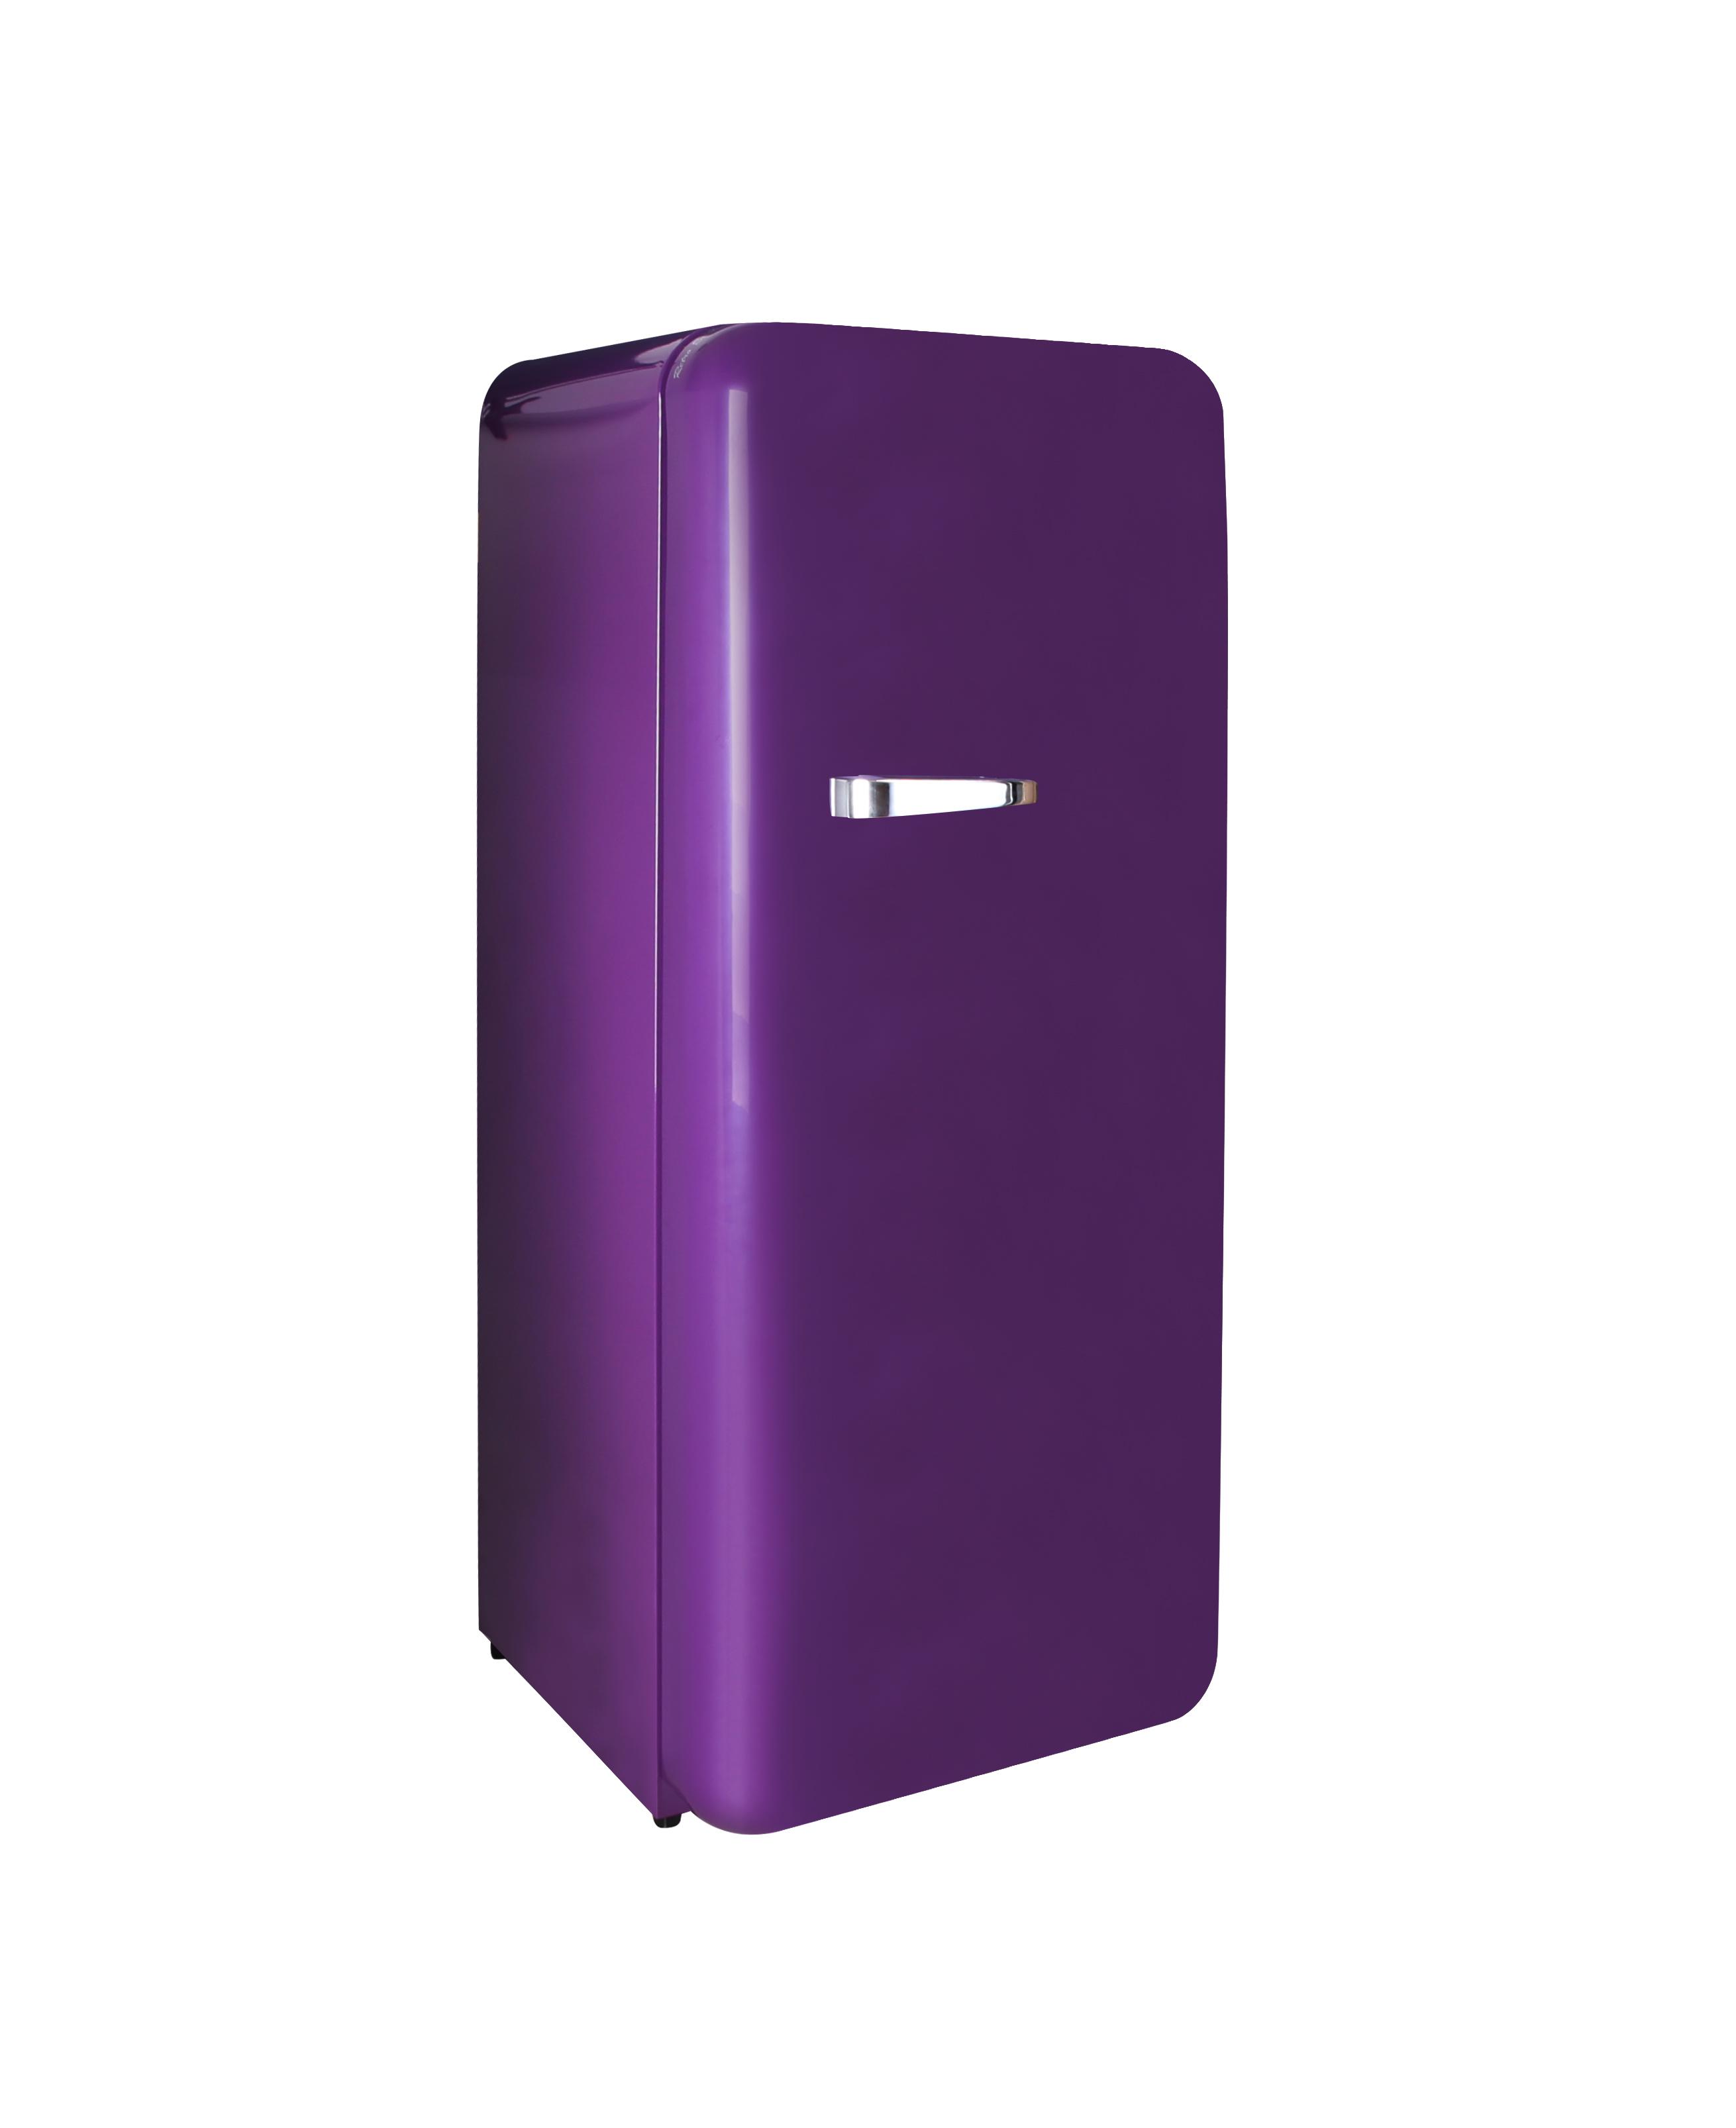 Retro kühlschrank haushalt klassische vintage retro benutzerdefinierte hoch freistehende kühlschrank hausgeräte alten stil lebensmittel lagerung